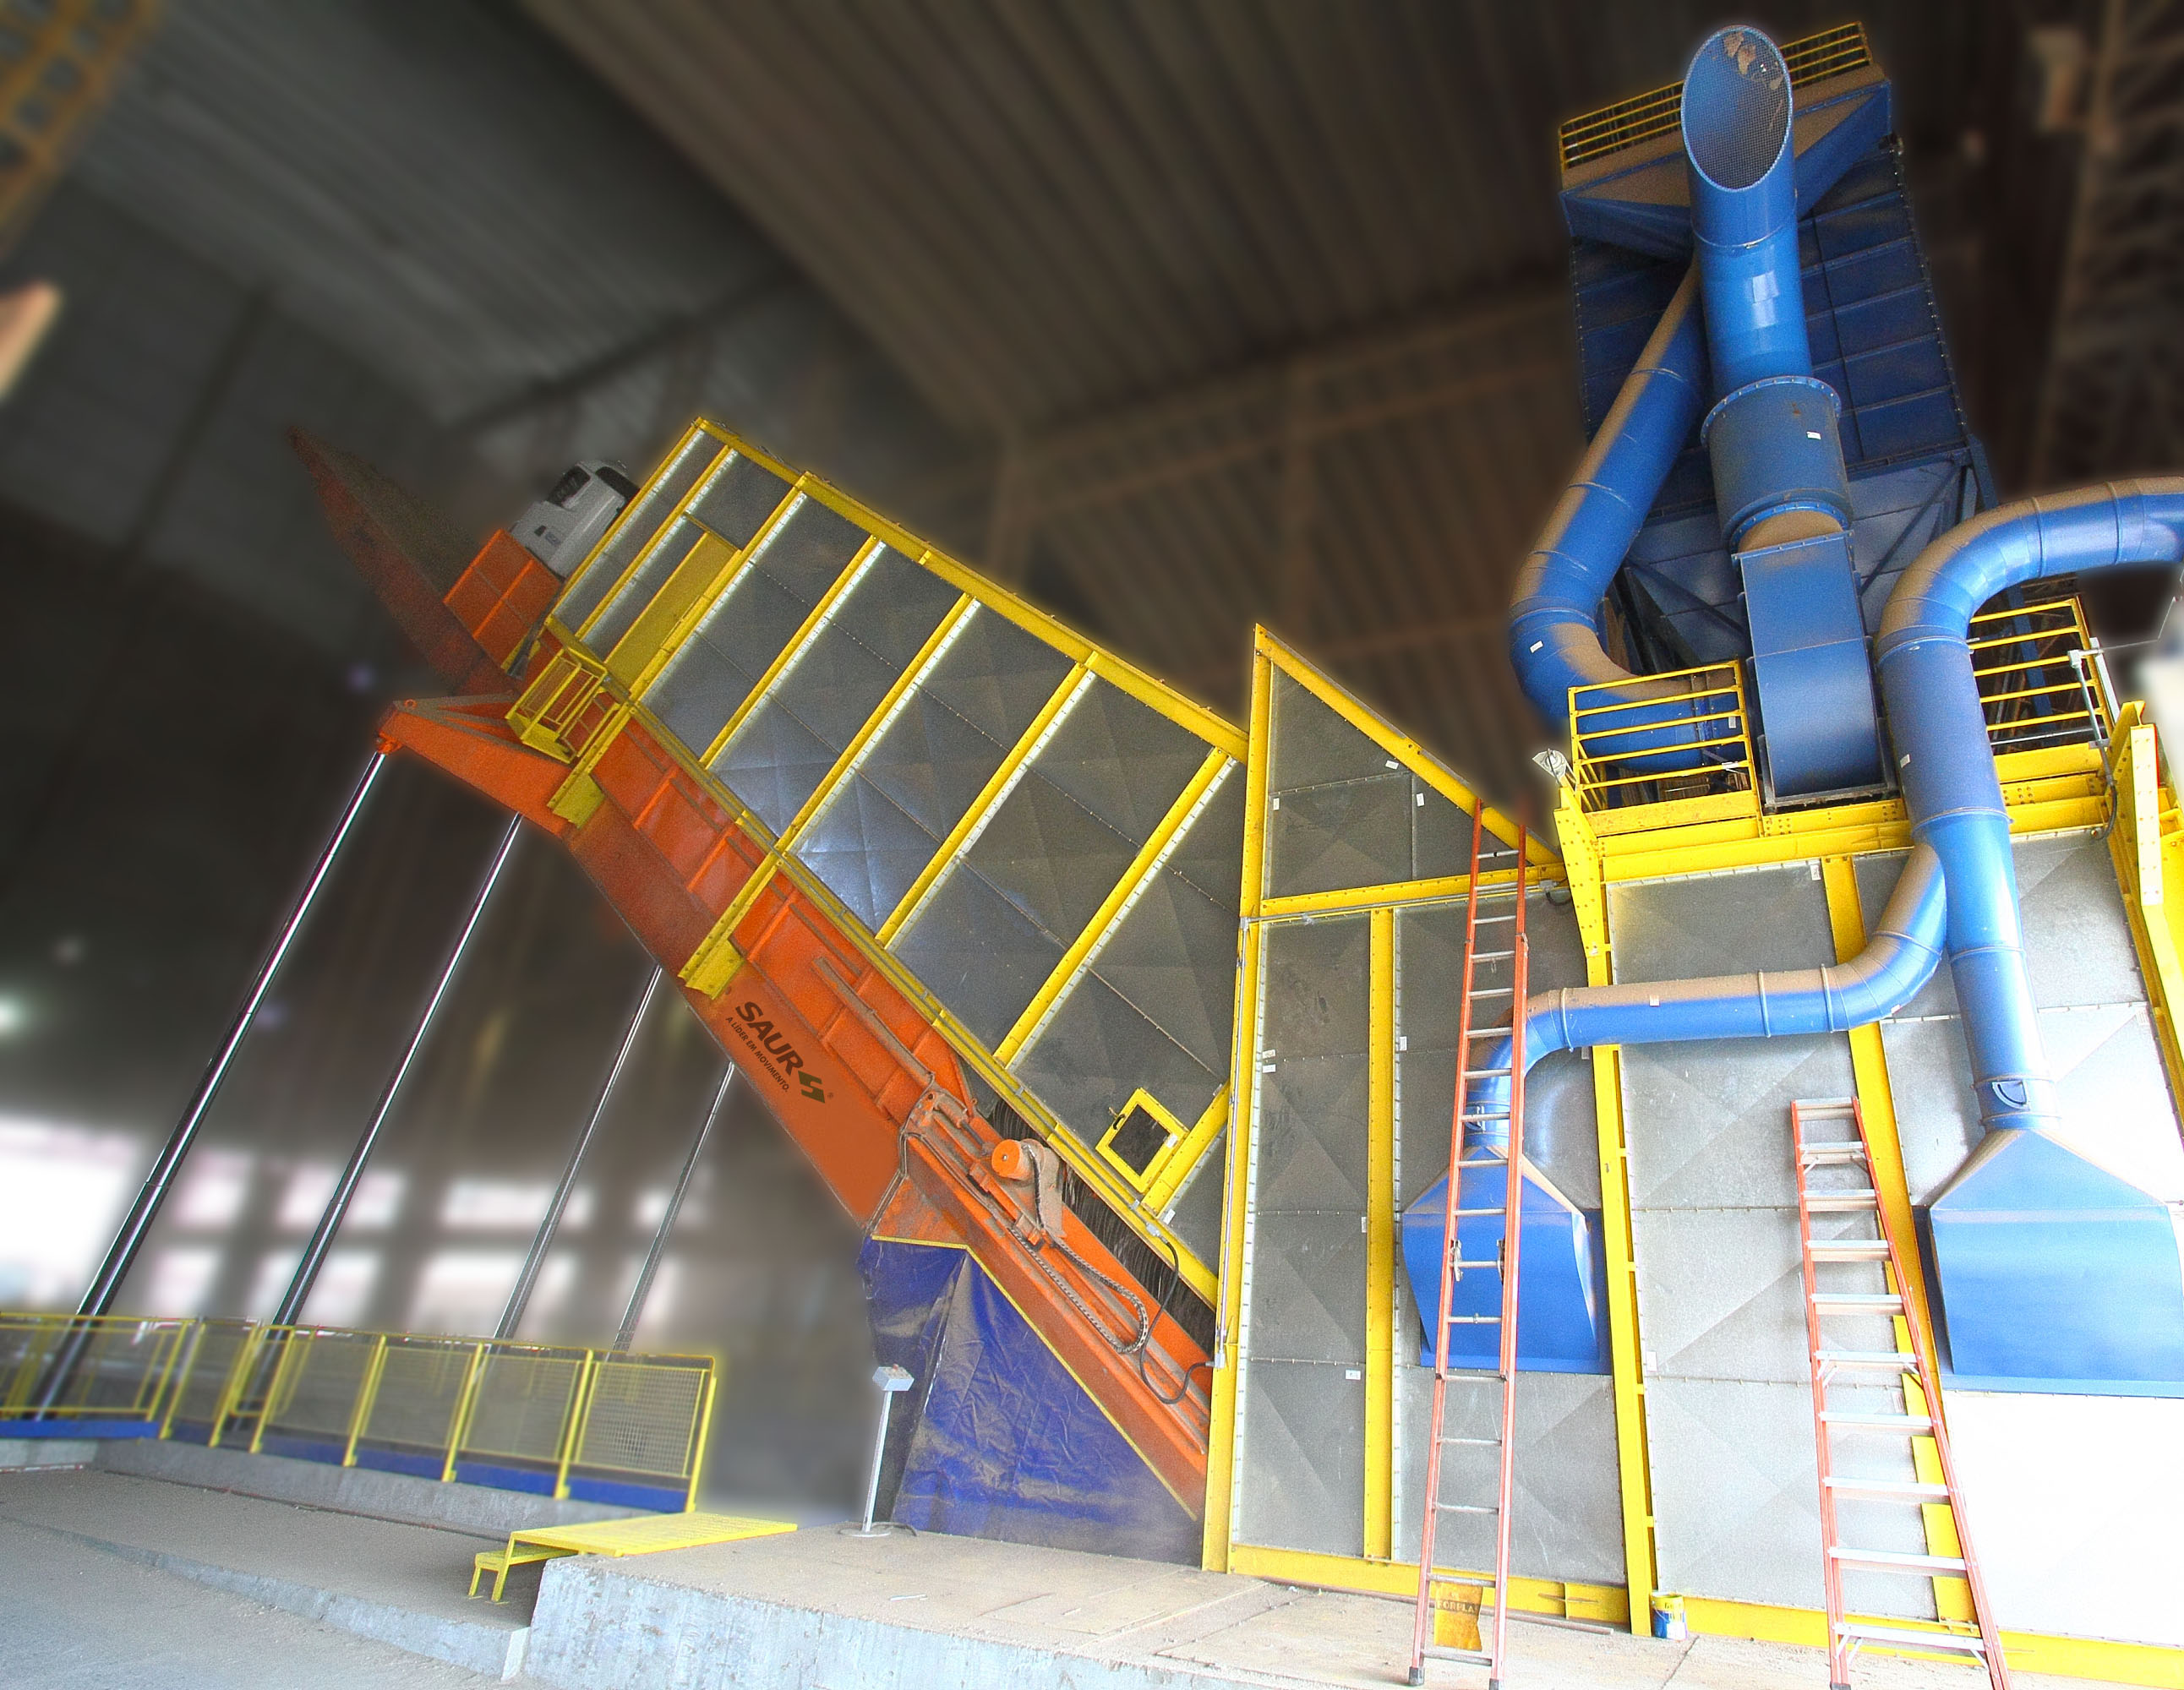 Primeira Plataforma de Descarga para Granéis de 30 metros SAUR entra em operação na Cotriguaçu